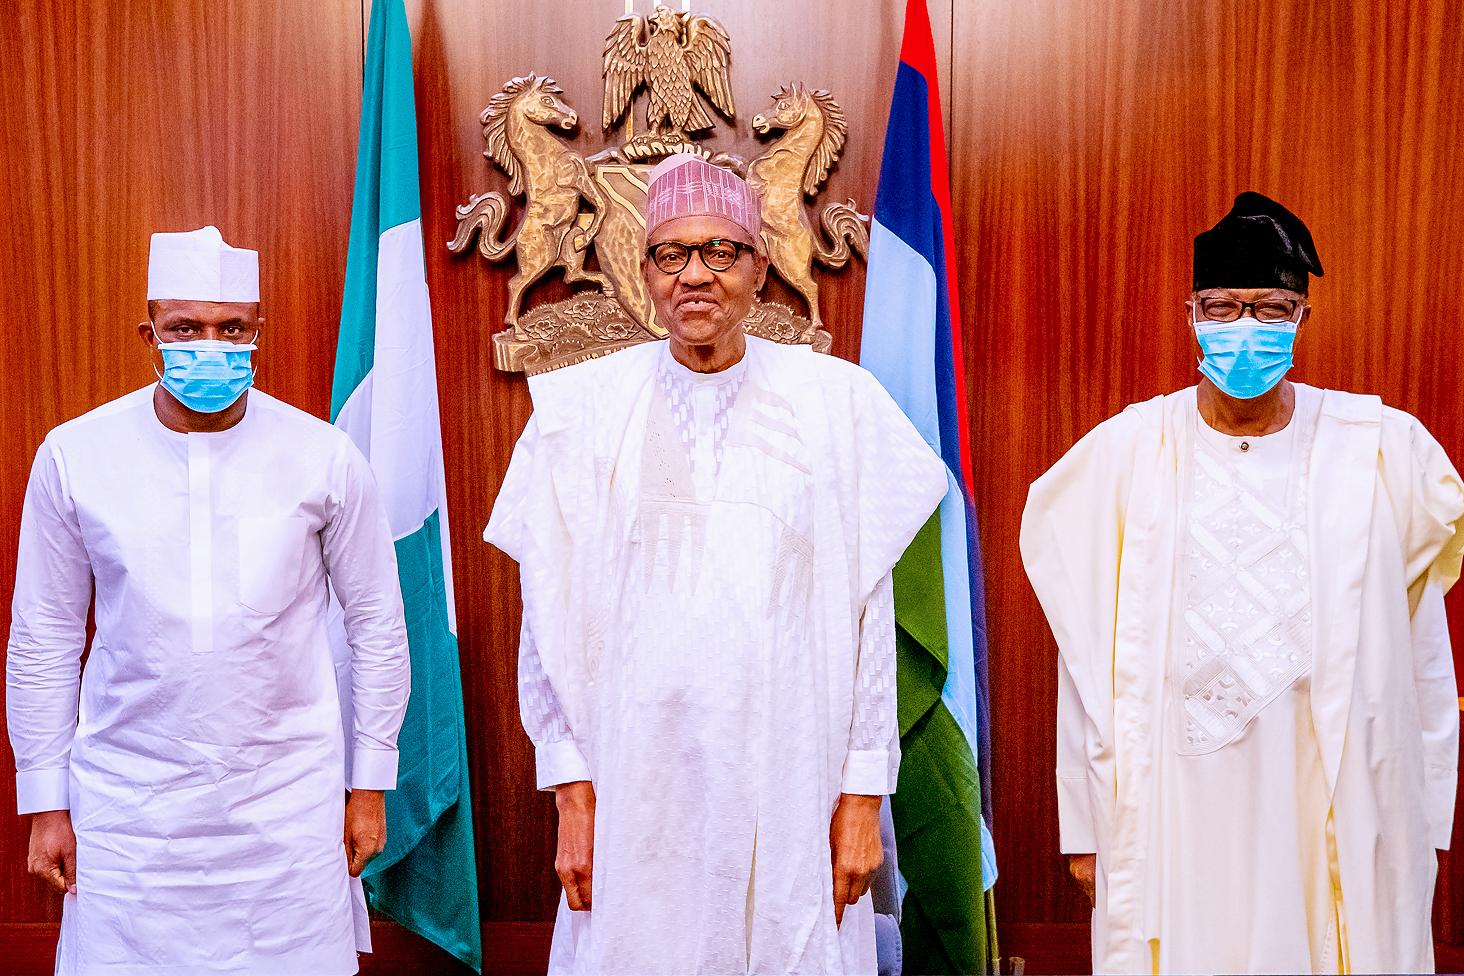 Buhari receives Bankole, Daniel new APC members in Aso Rock